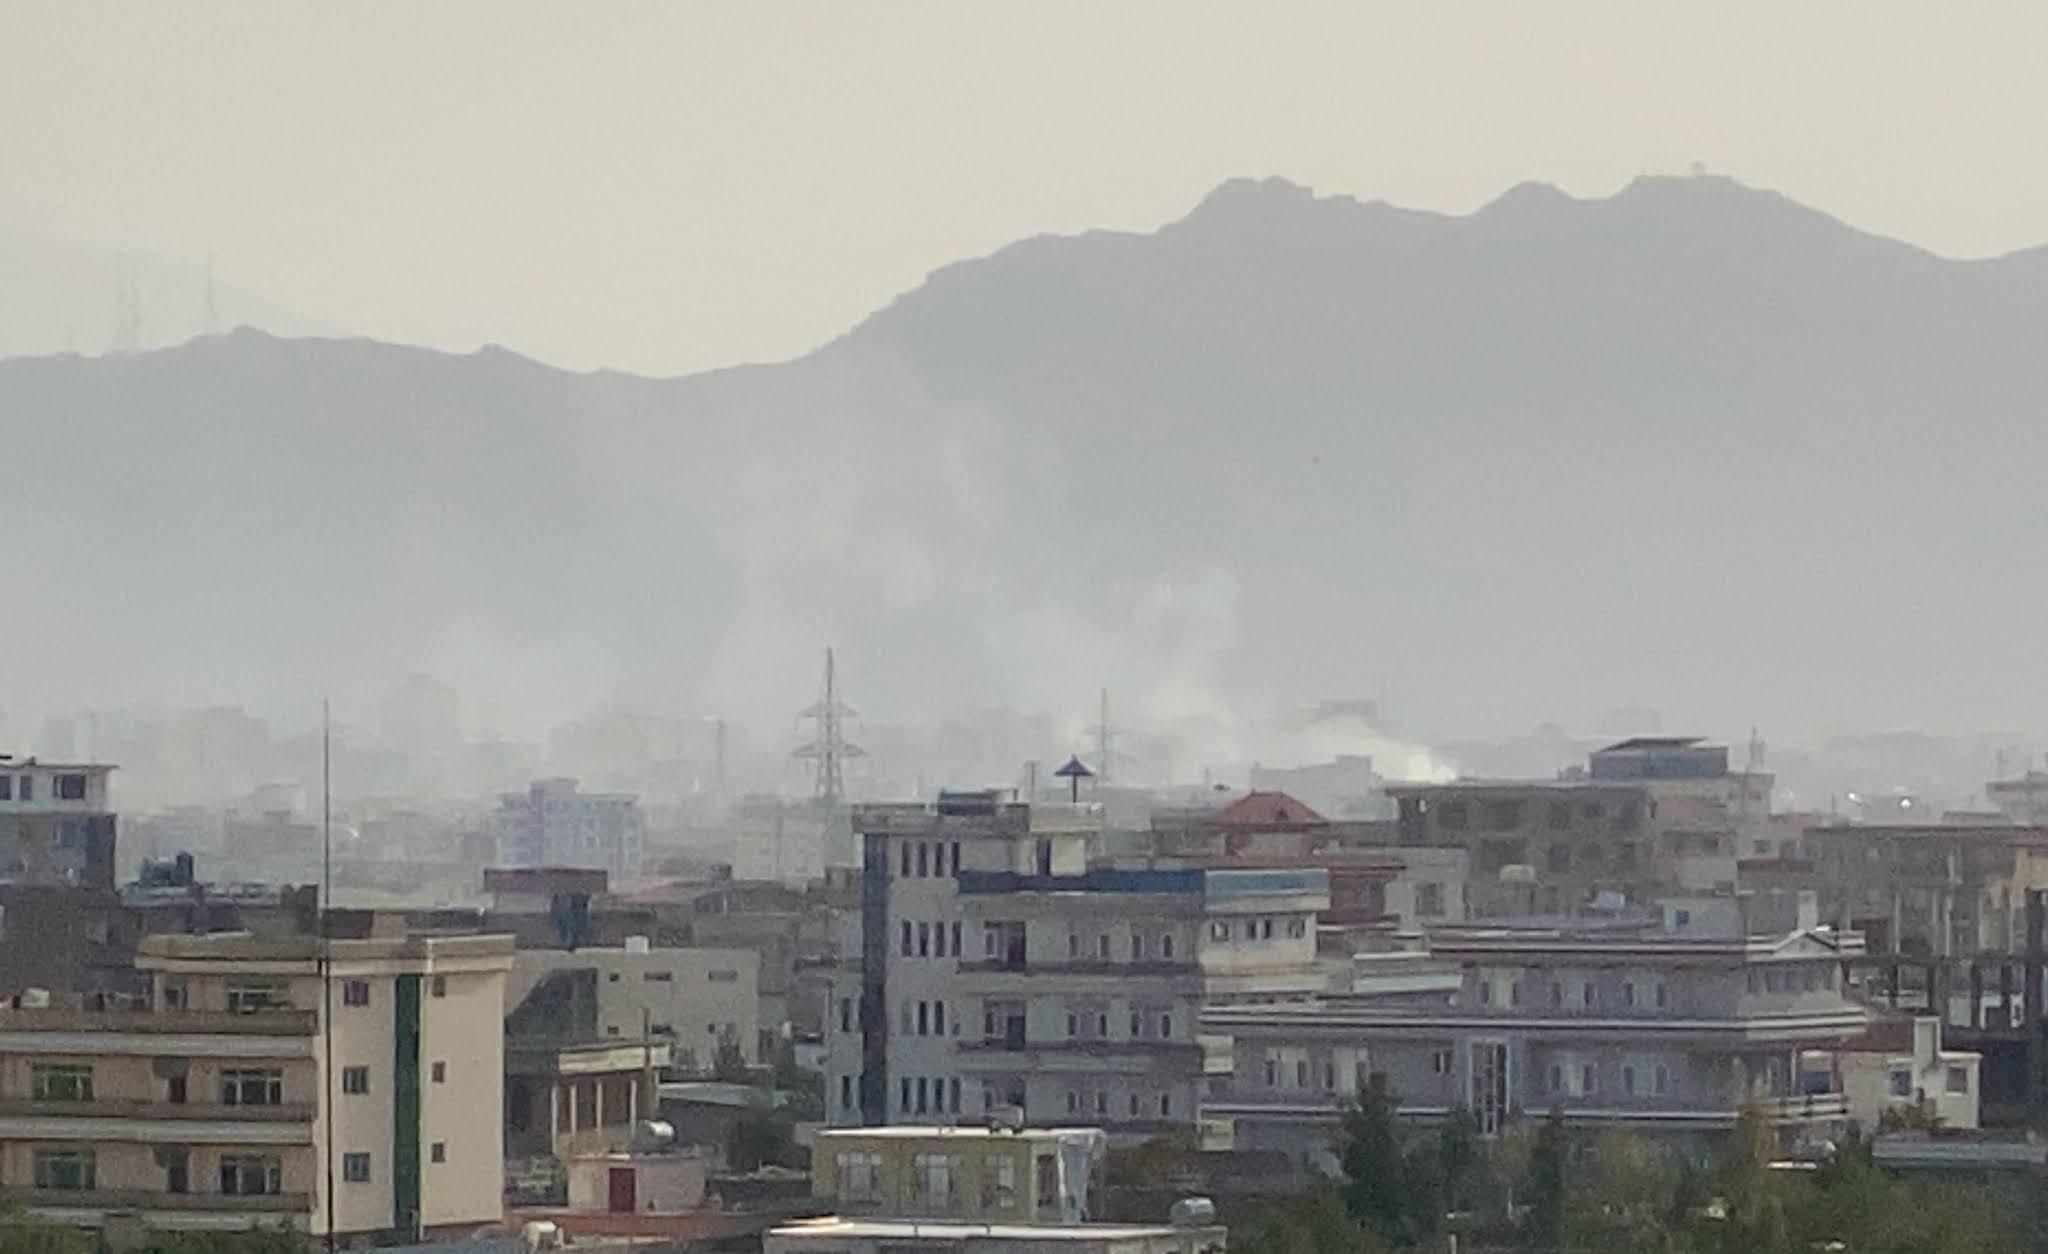 Estados Unidos abatió a terroristas suicidas y frenó un atentado al aeropuerto de Kabul